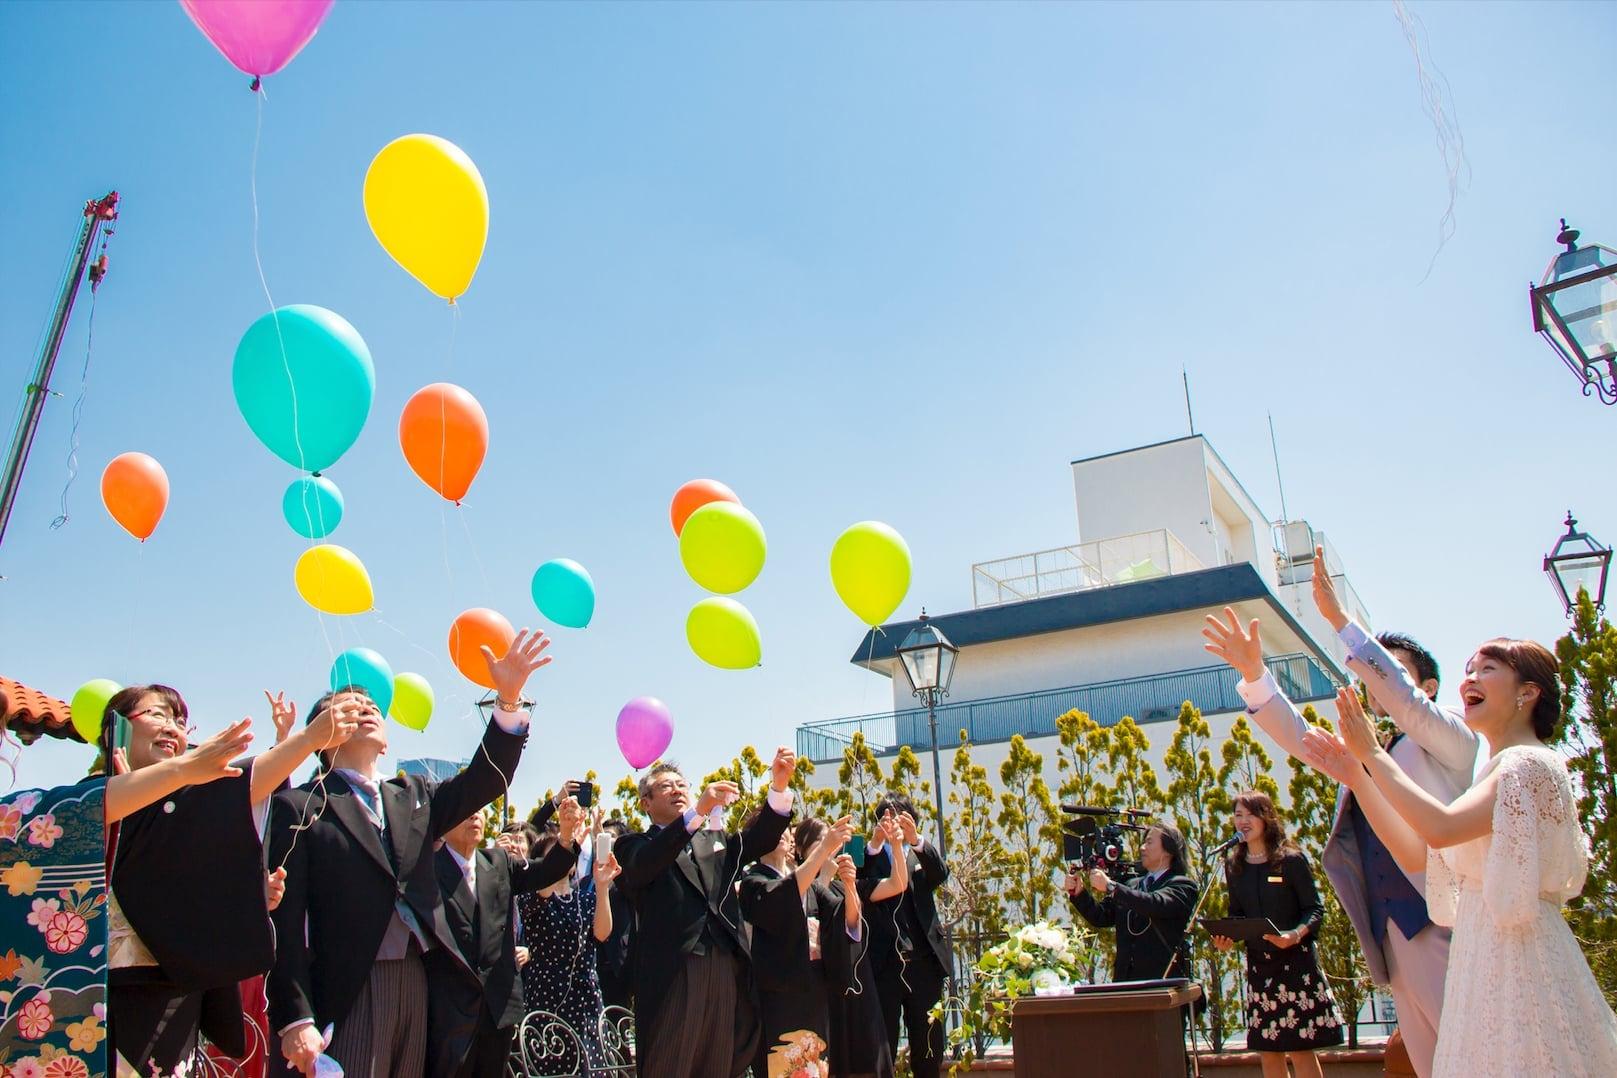 「ブライダル」結婚式、披露宴撮影プラン オープニング特価!のイメージその6